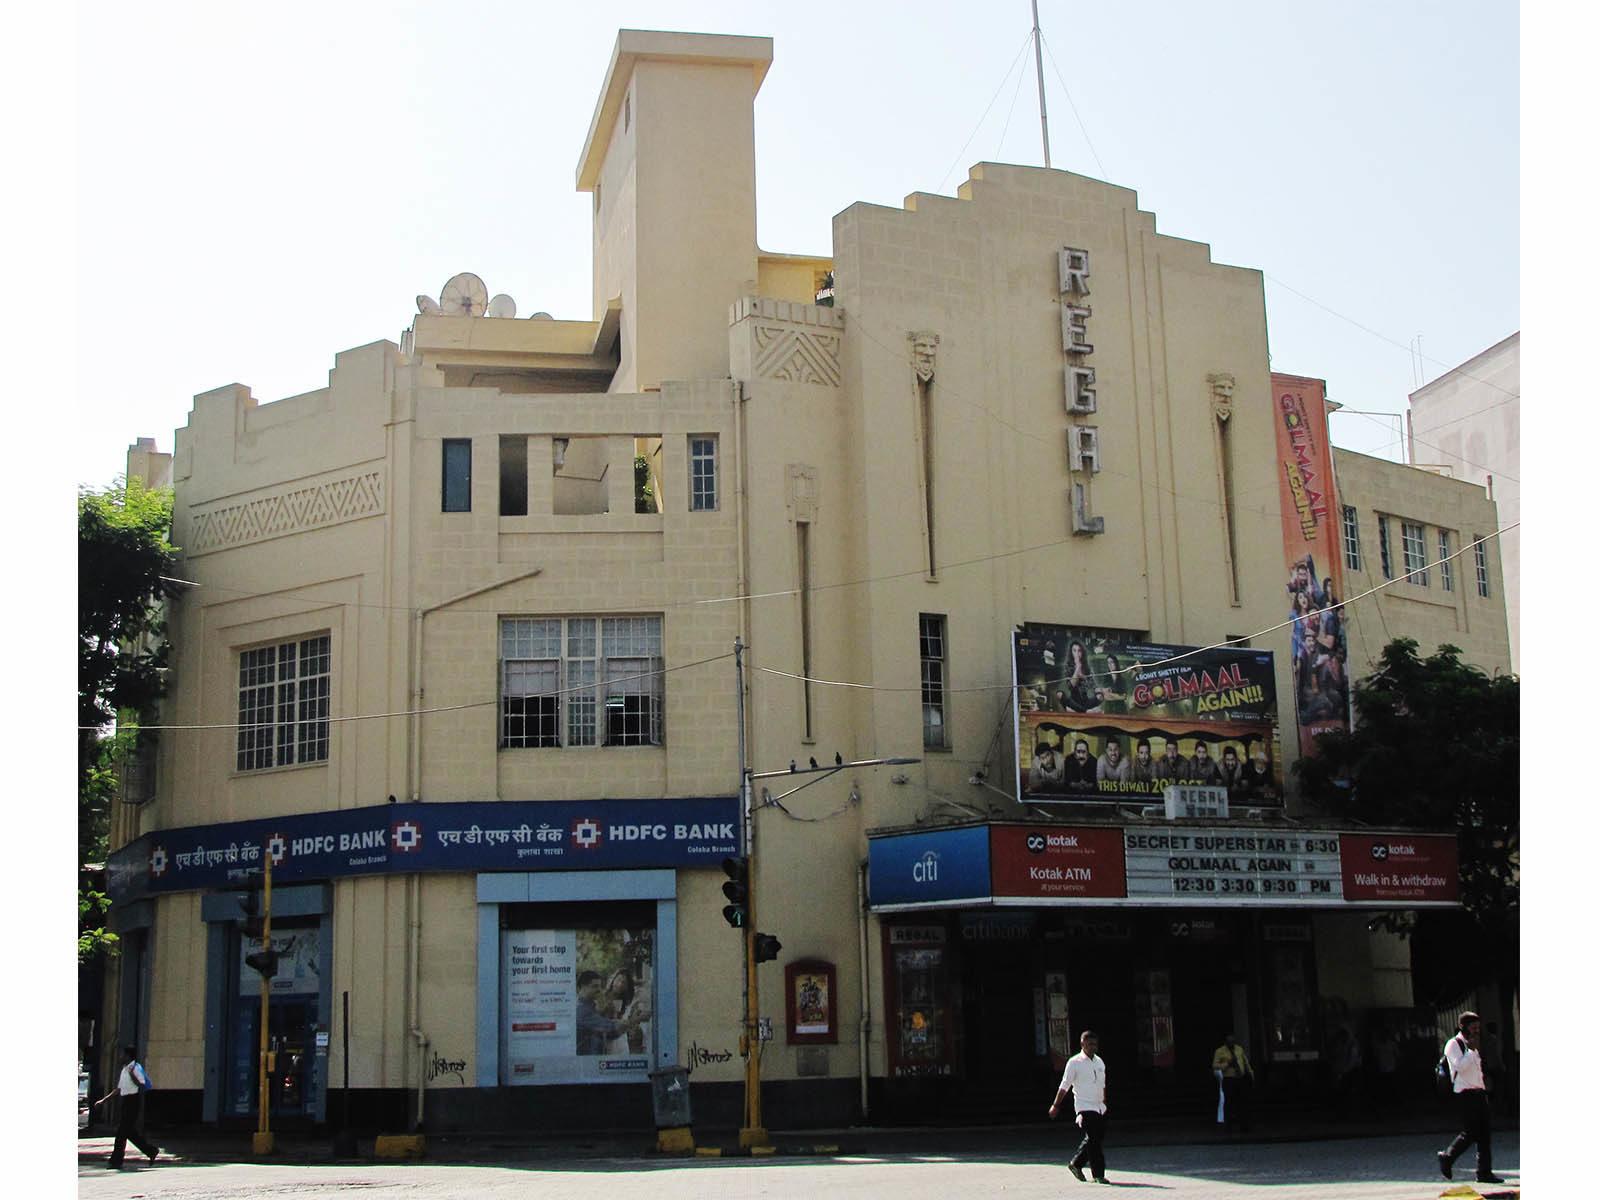 Regal Cinema, Colaba © Art Deco Mumbai Trust